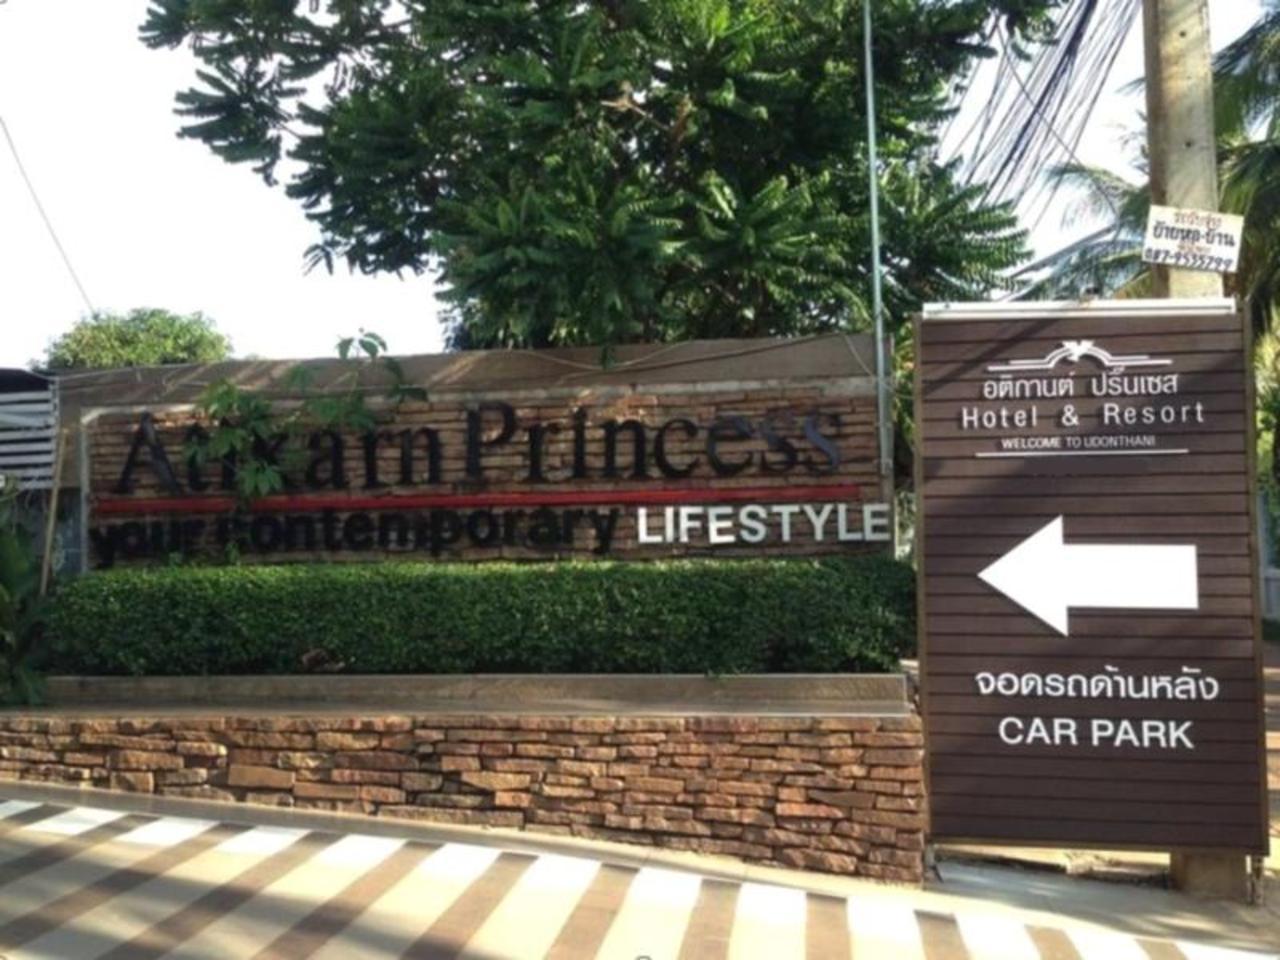 อติกานต์ ปริ๊นเซส โฮเต็ล แอนด์ รีสอร์ท (Atikarn Princess Hotel & Resort)